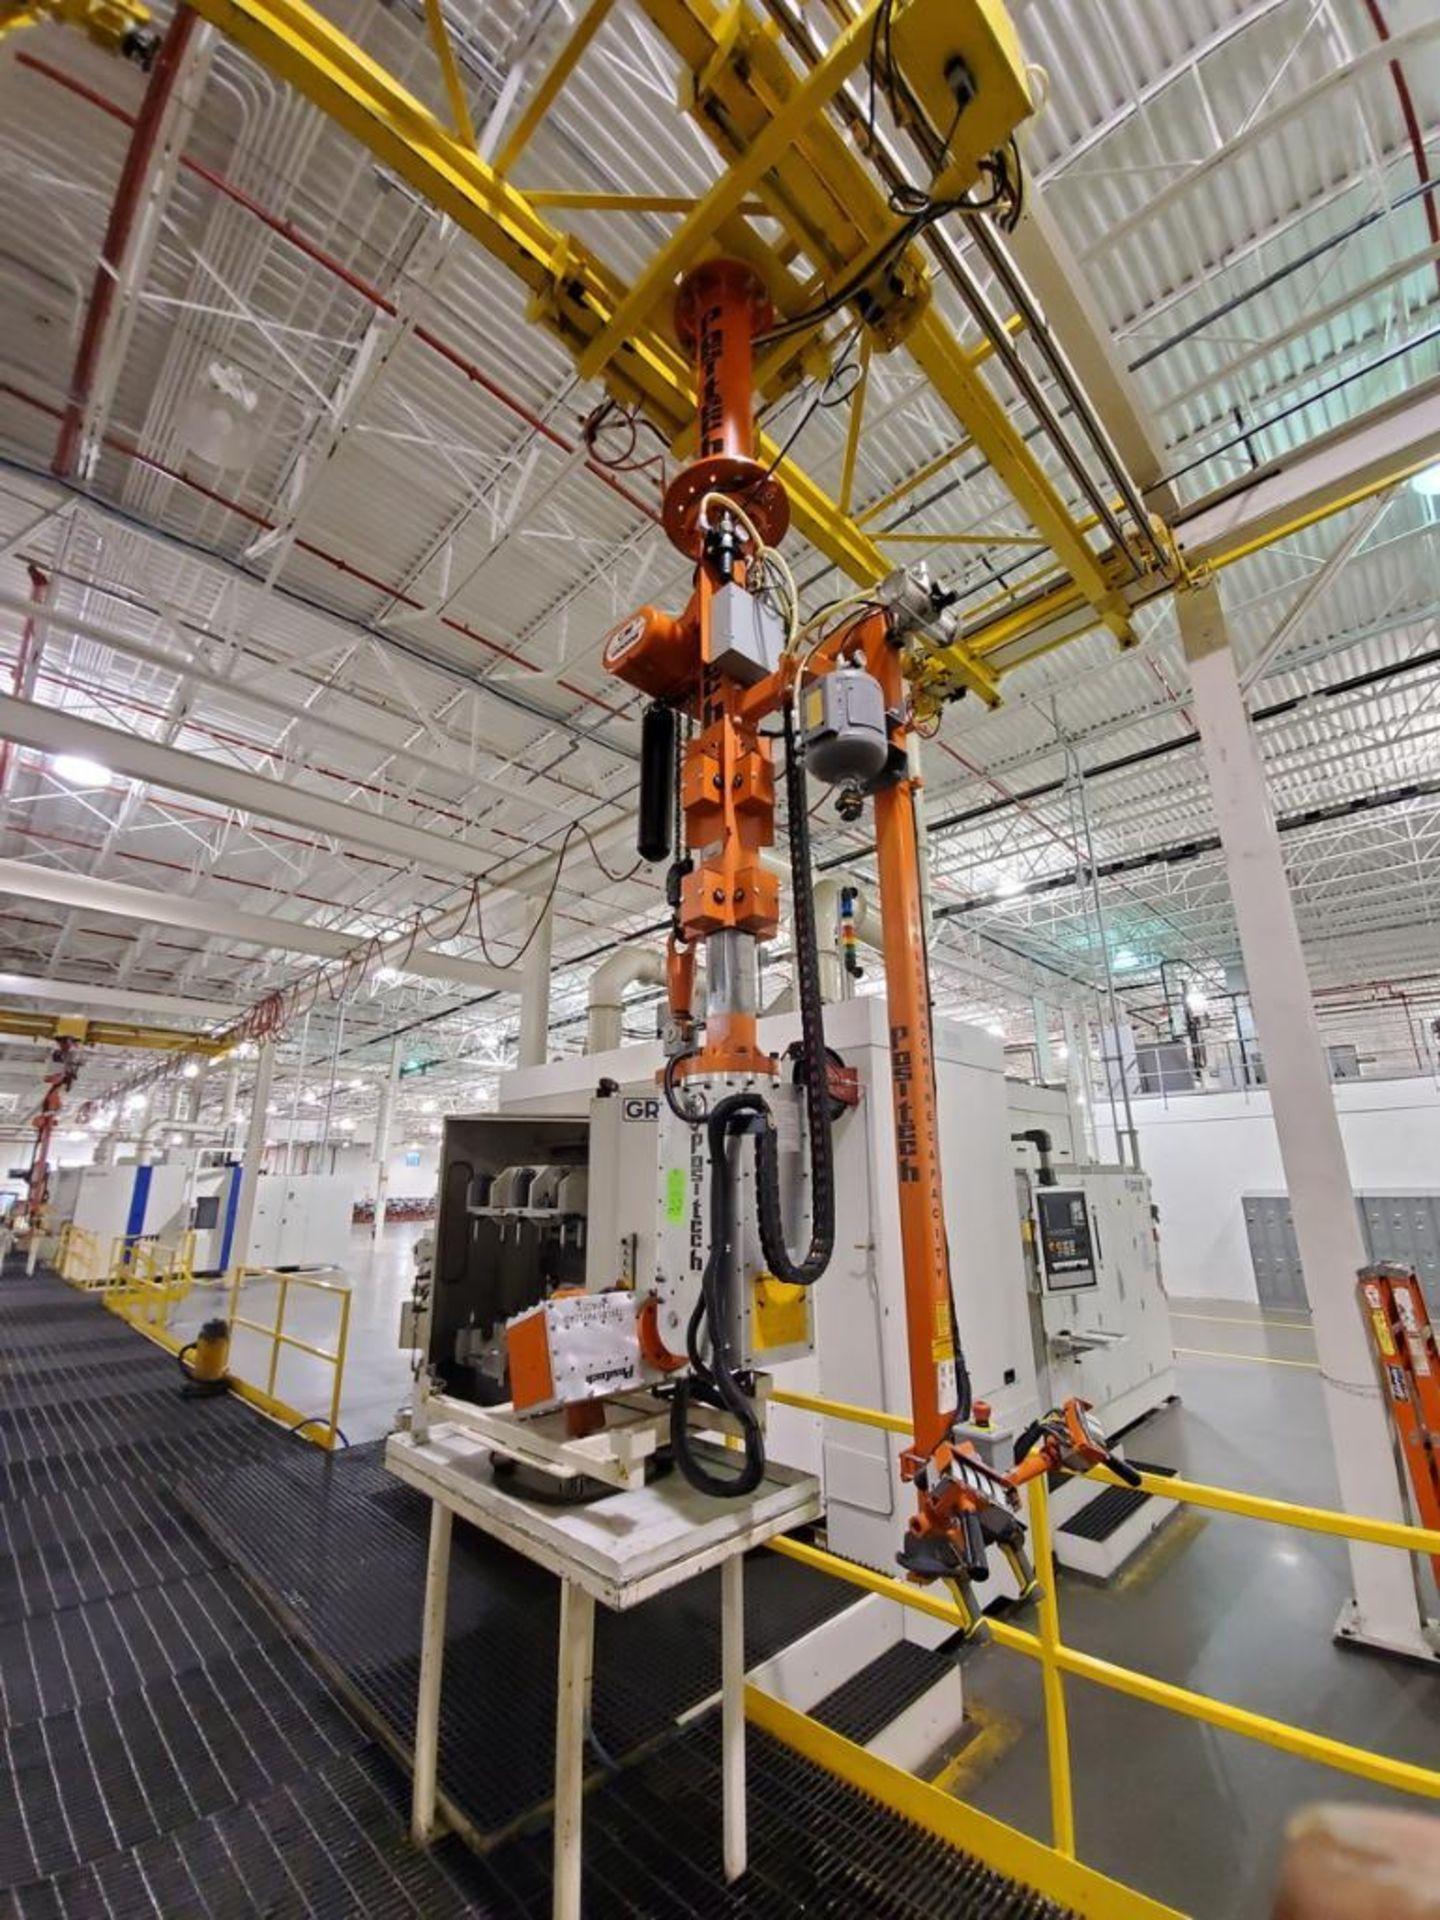 Lot 28 - Positech V Lift Vertical Rail Lifter